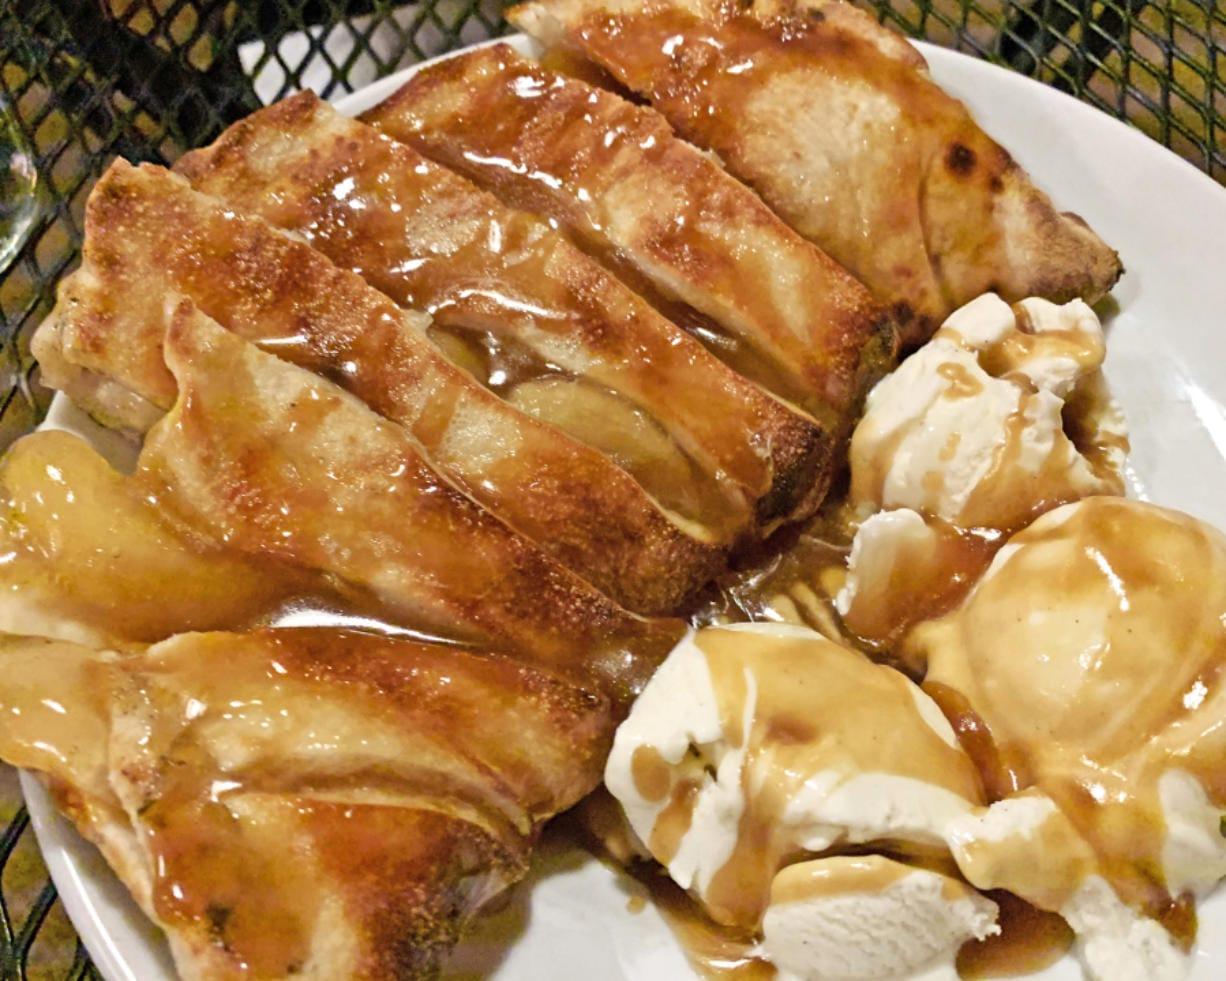 Apple empanada at Rusty Grape Vineyard.